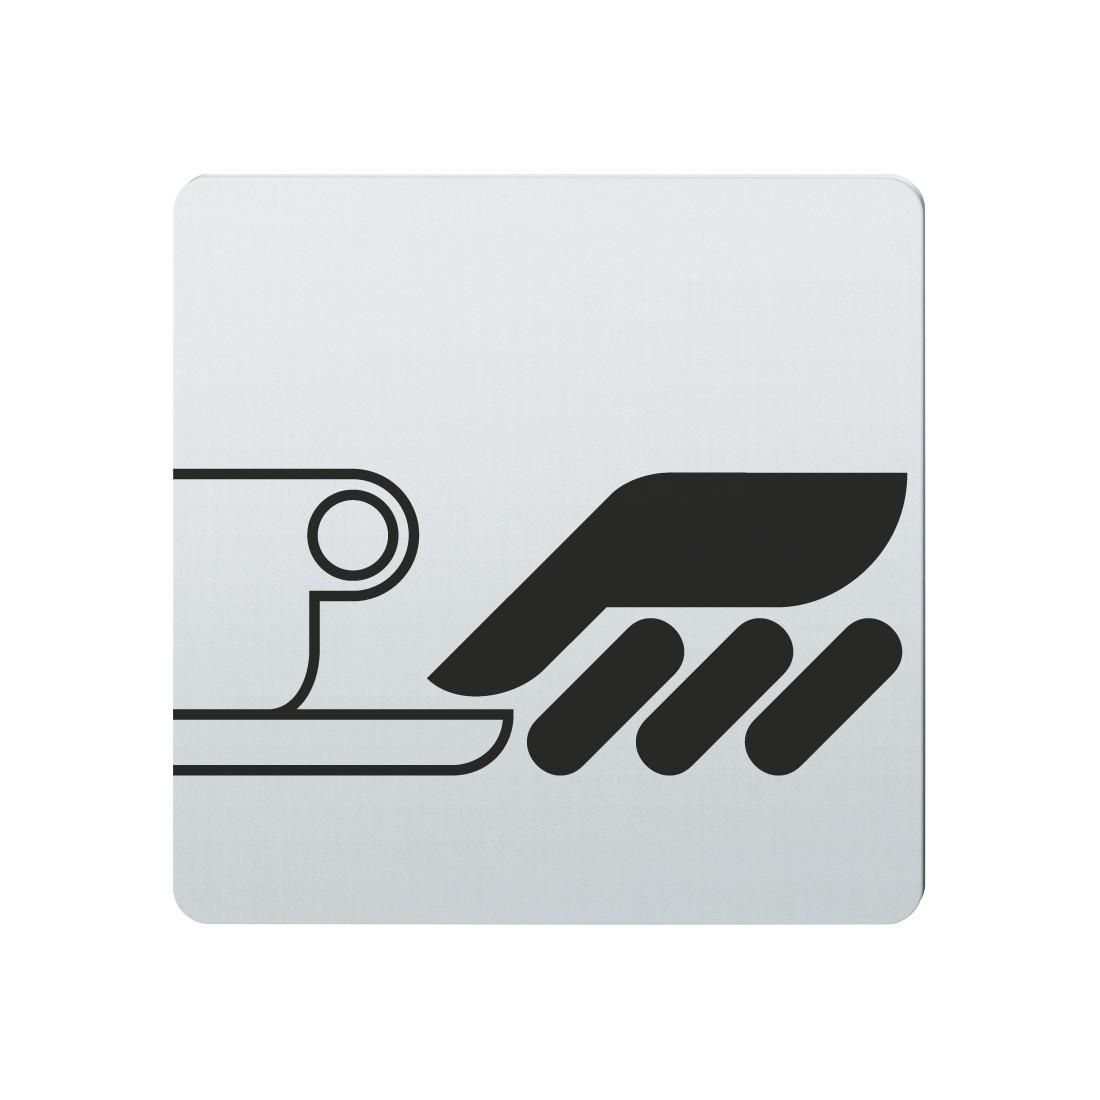 FSB Hinweiszeichen Selbstbedienung Lasergraviert Edelstahl fein matt (0 36 4059 00316 6204)